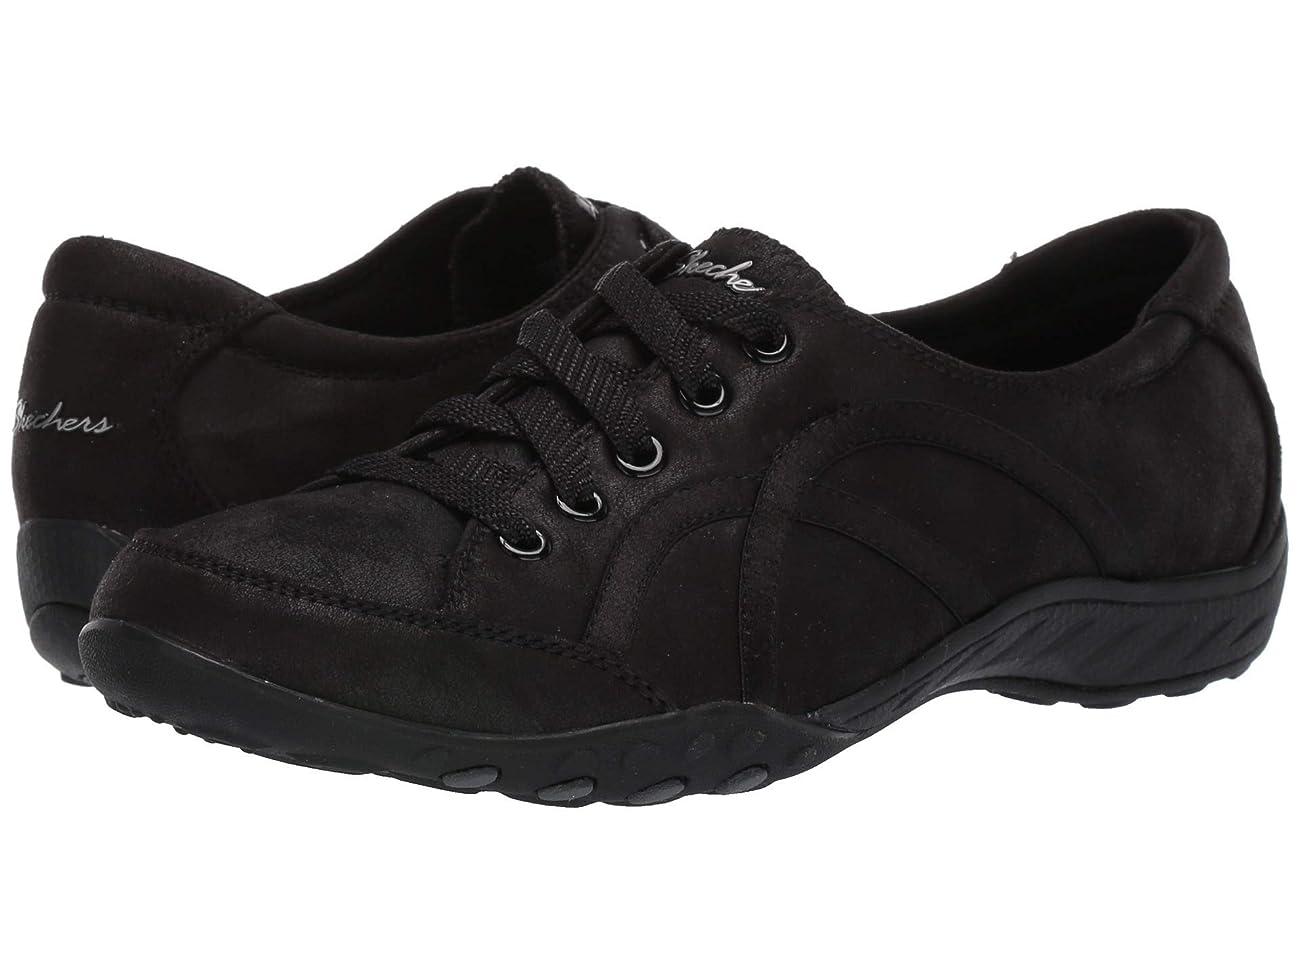 知り合いいたずら歩くレディーススニーカー?ウォーキングシューズ?靴 Breathe-Easy - Well Read Black 10 (27cm) B [並行輸入品]